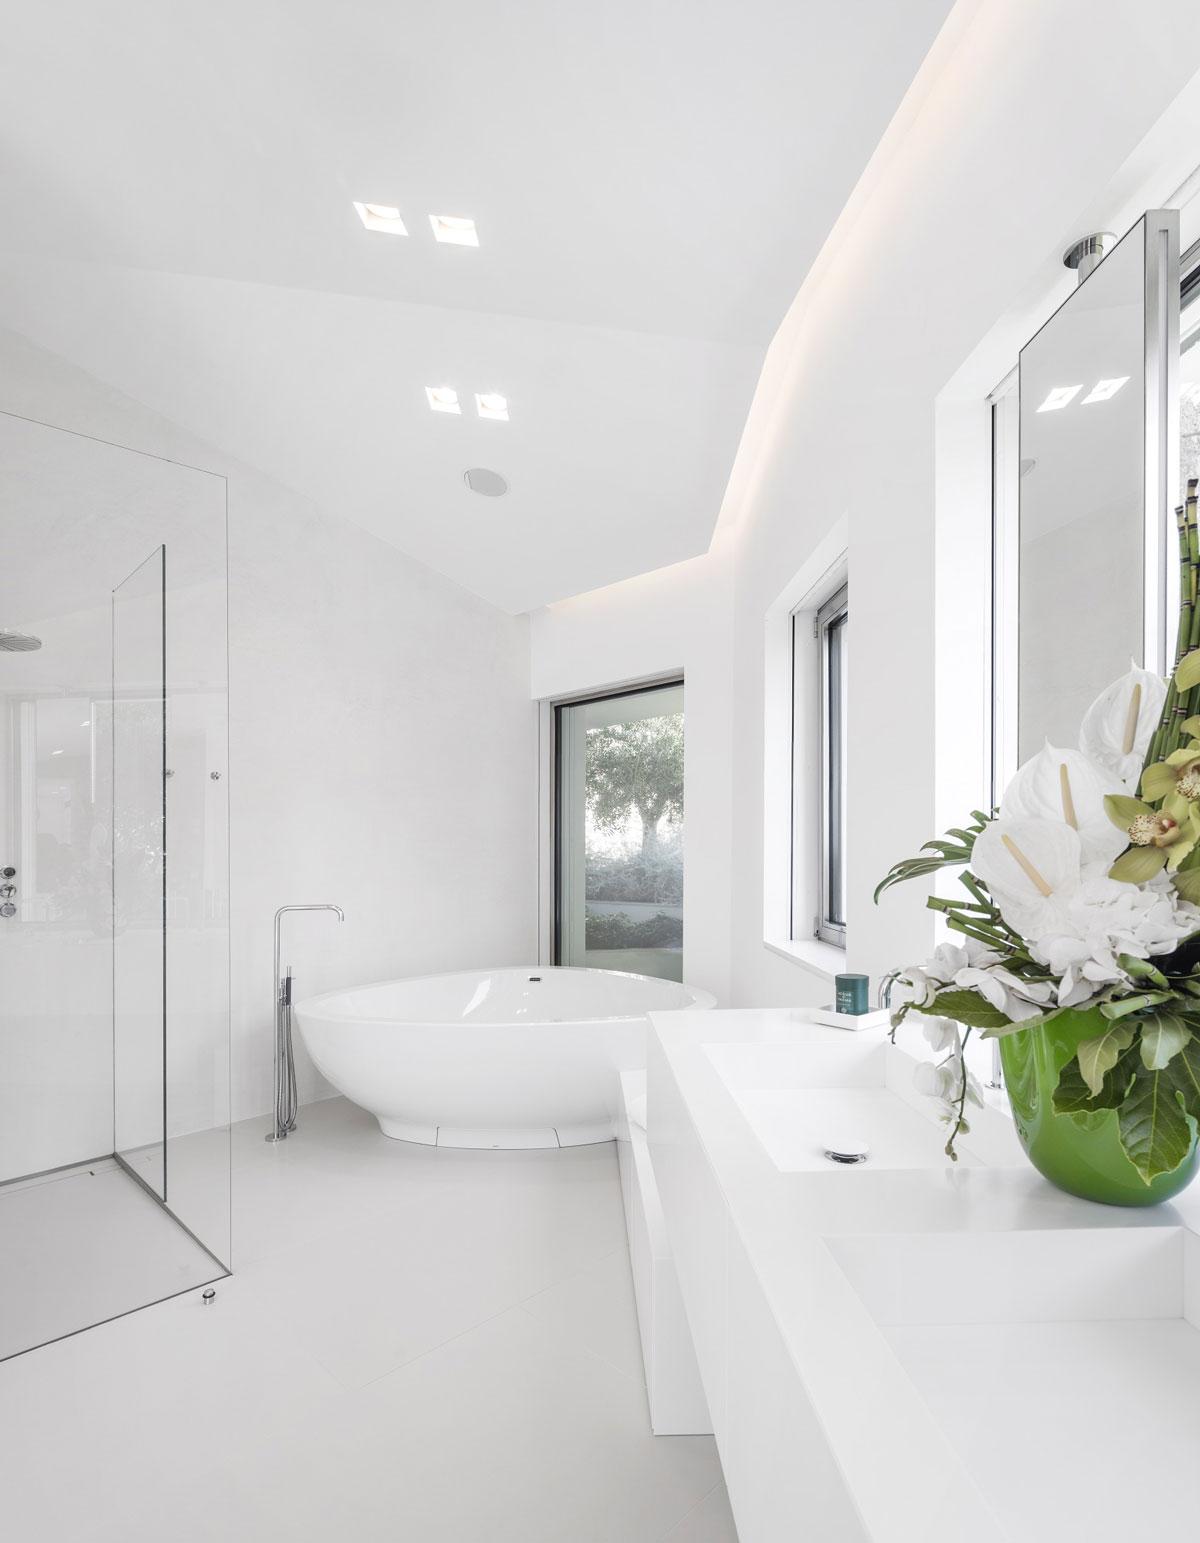 luxusná biela kúpeľňa kameň